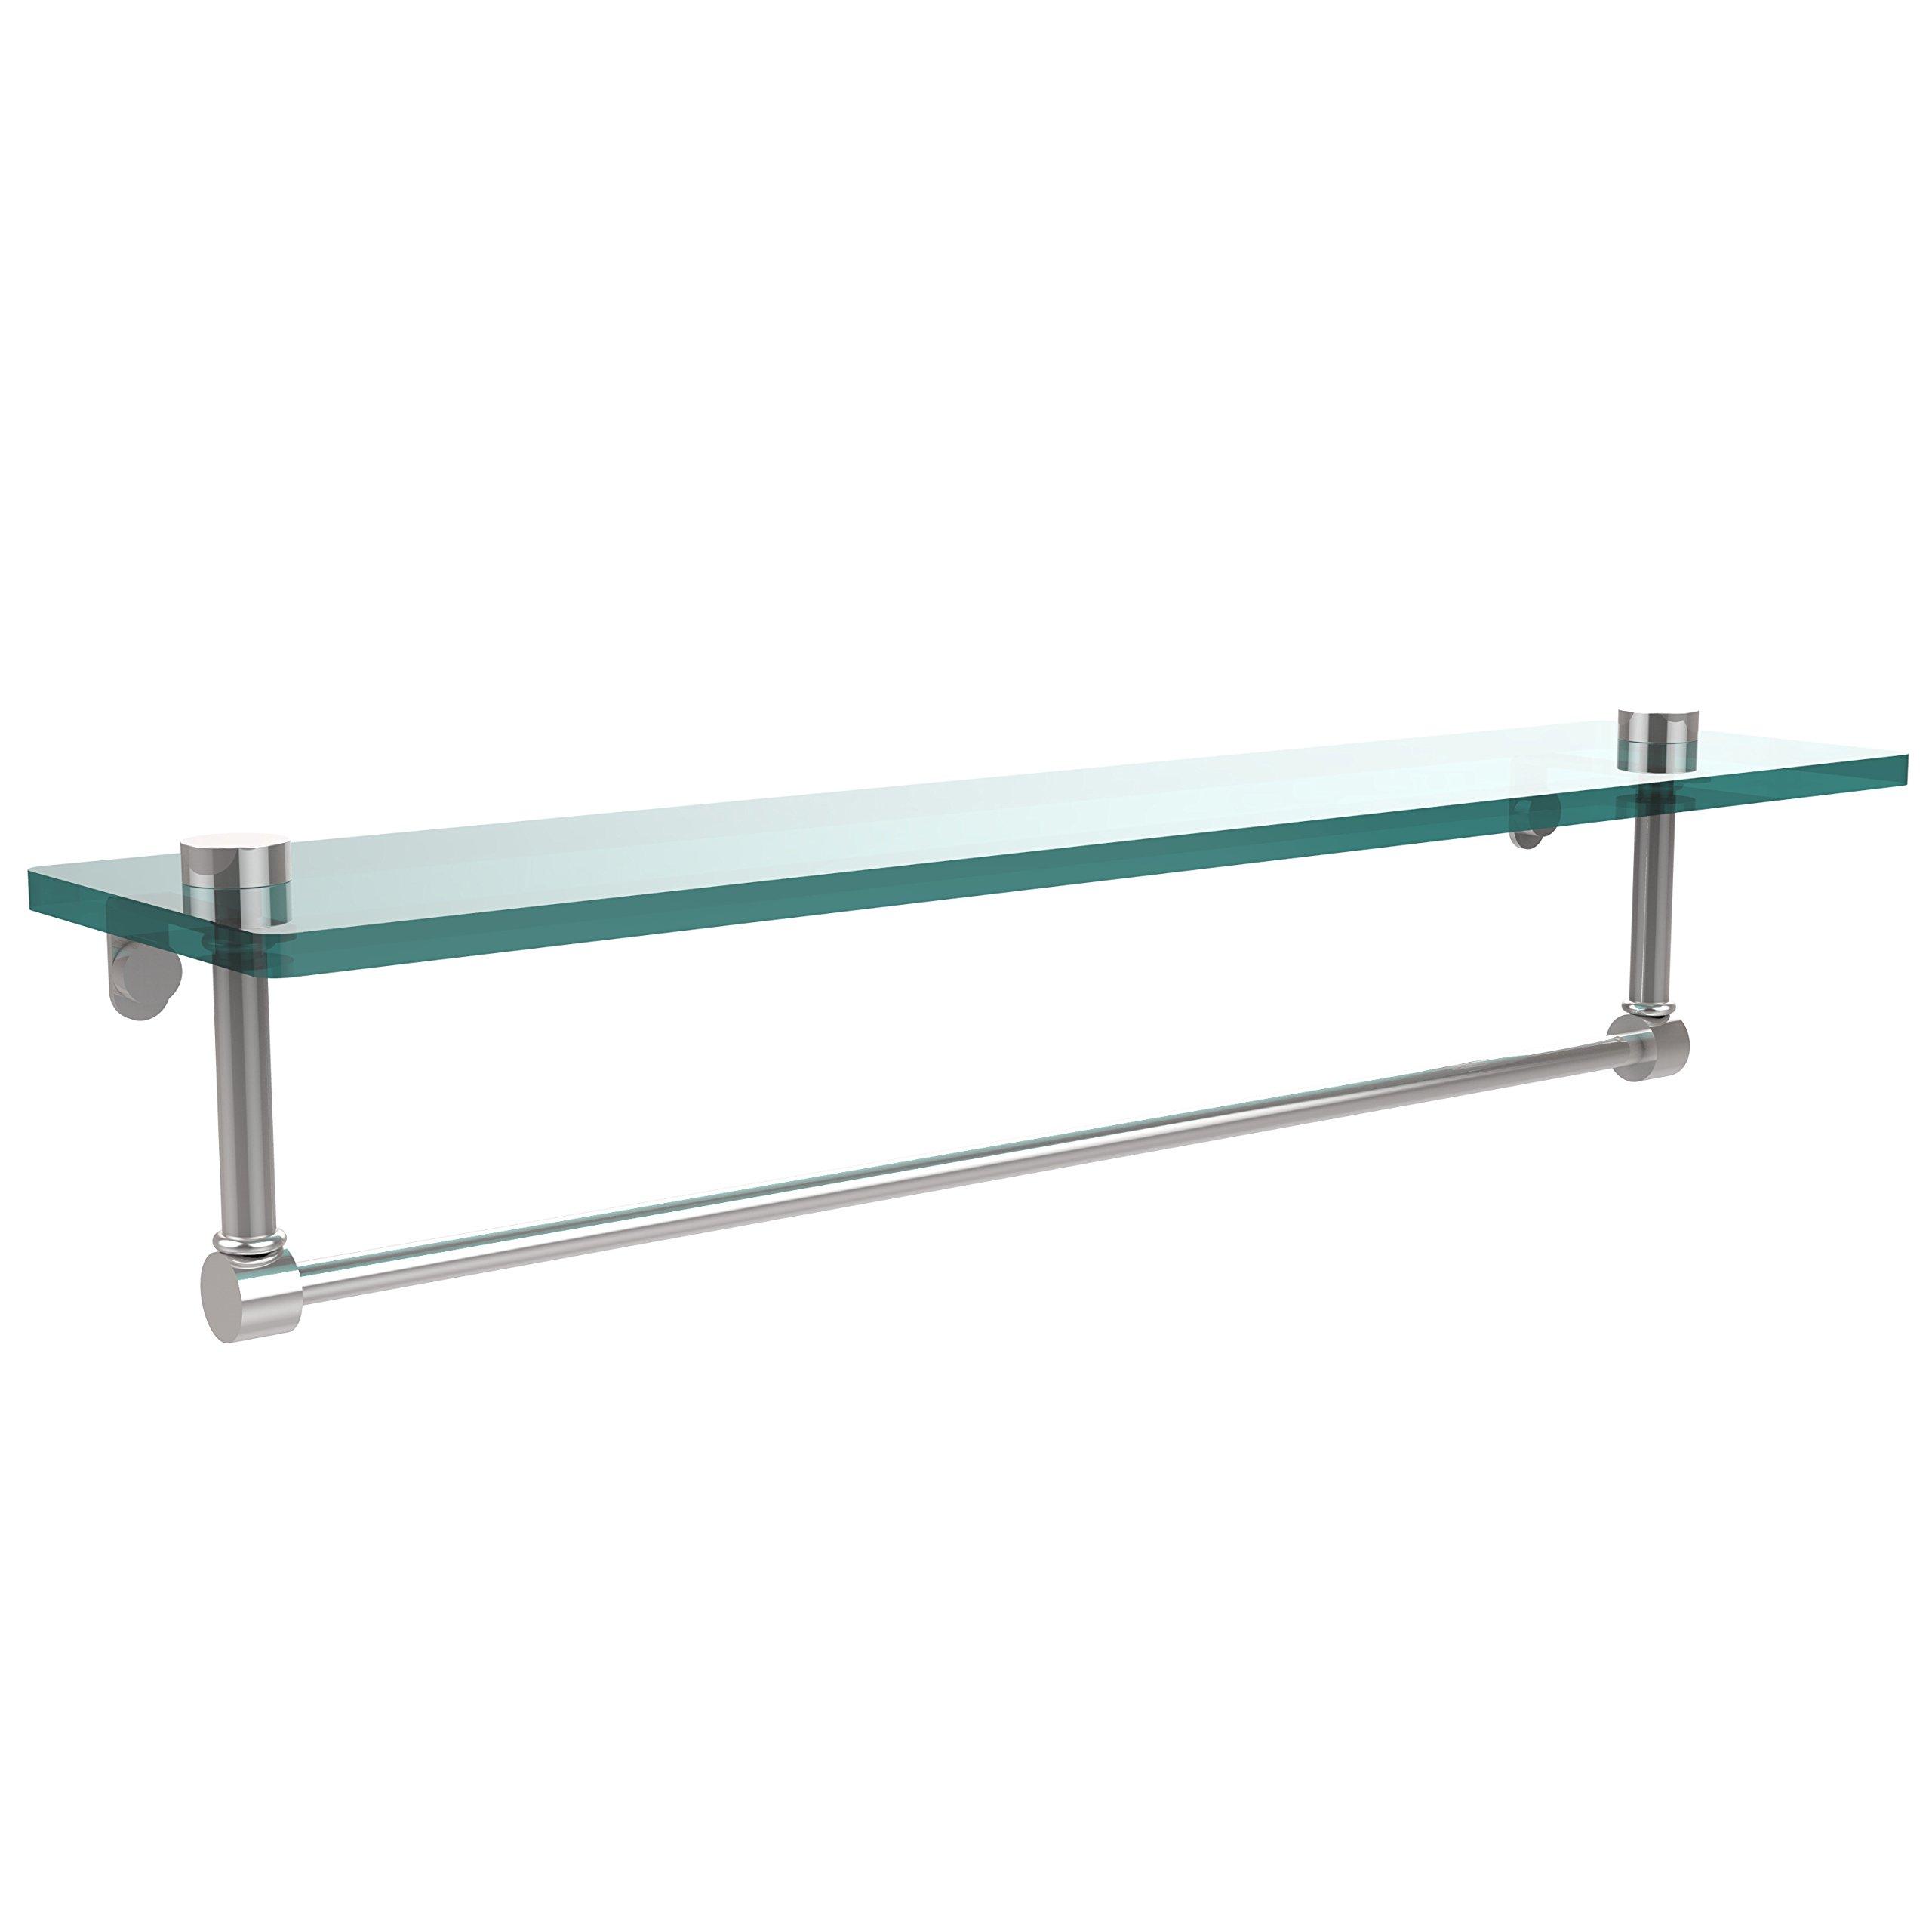 Allied Brass NS-1/22TB-PC 22-Inch Glass Shelf with Towel Bar